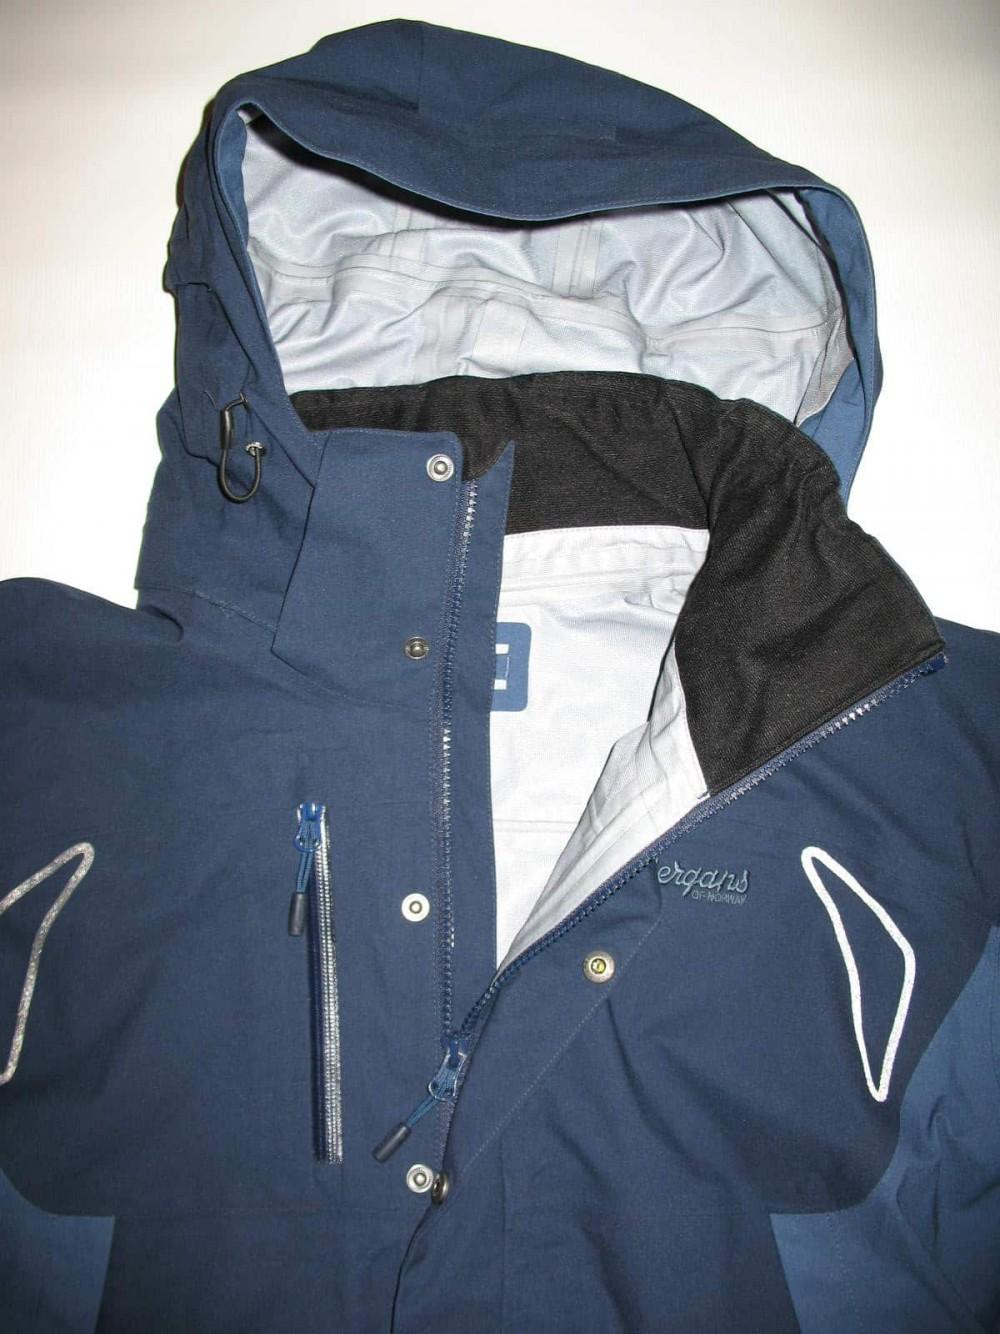 Куртка BERGANS luster jacket (размер XL) - 3